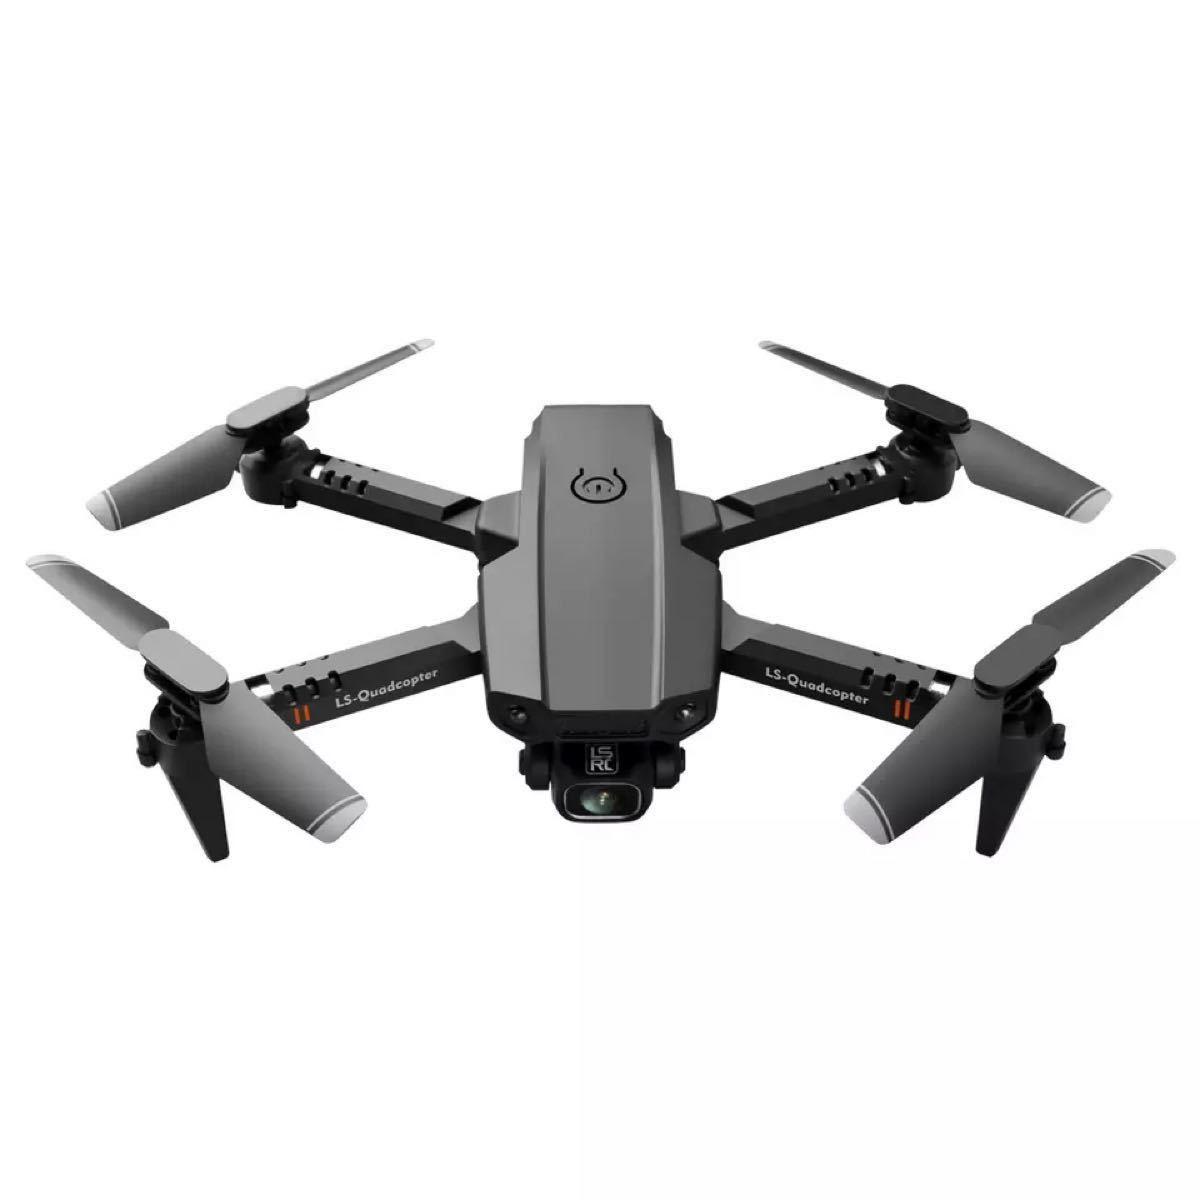 高性能小型ドローン XT6 カメラ機能 収納ケース付き